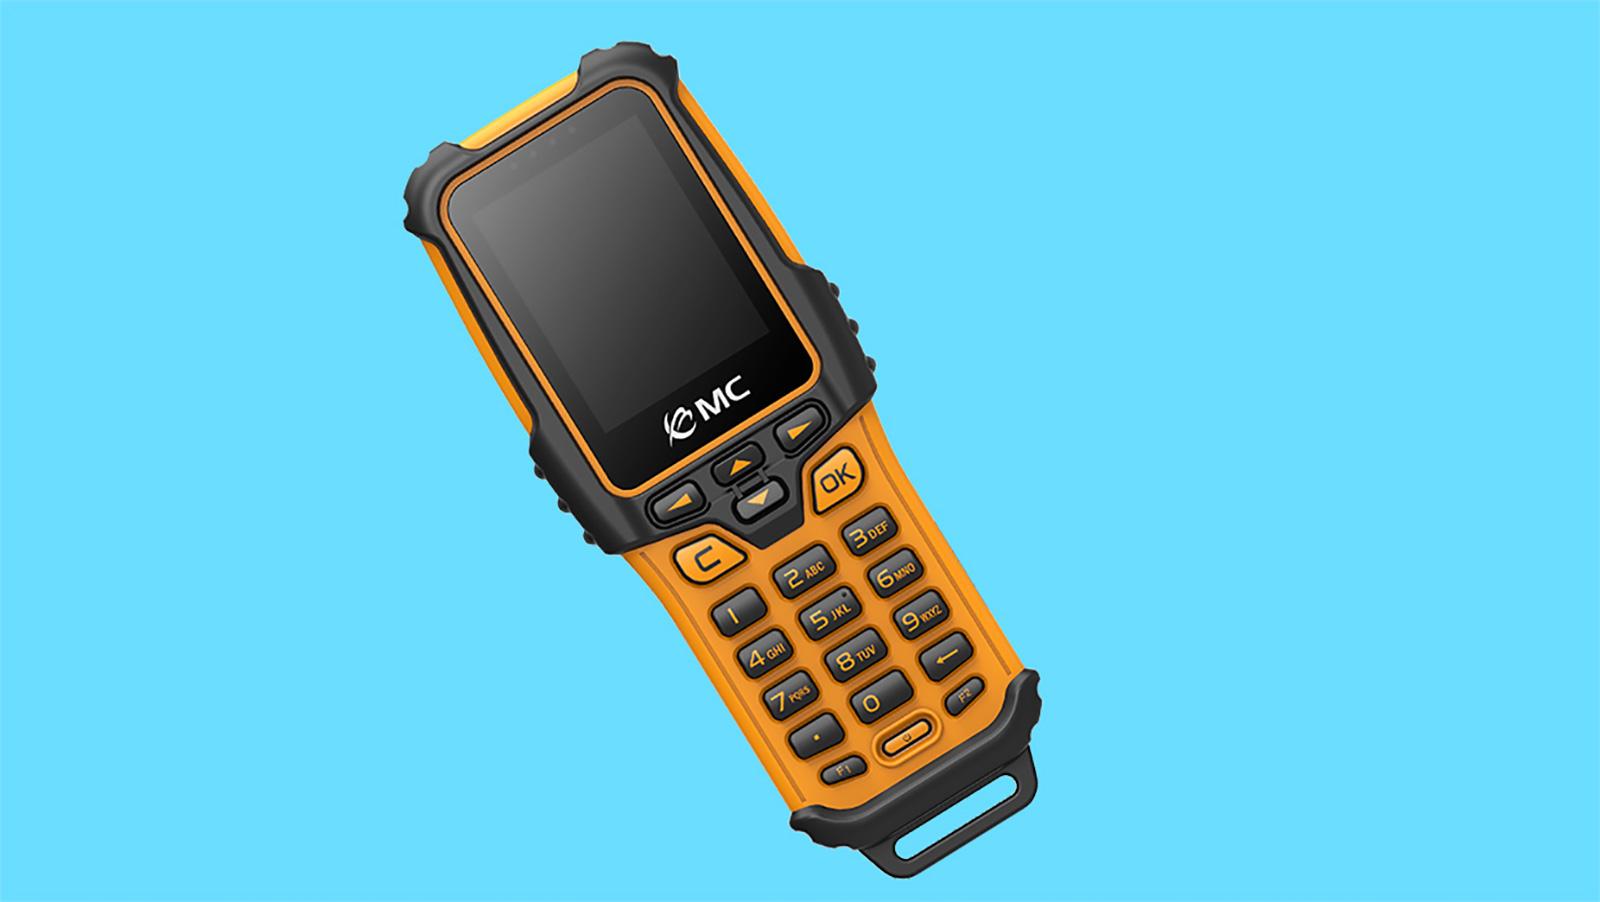 条码手持机的三防结构设计具备良好的防水性能